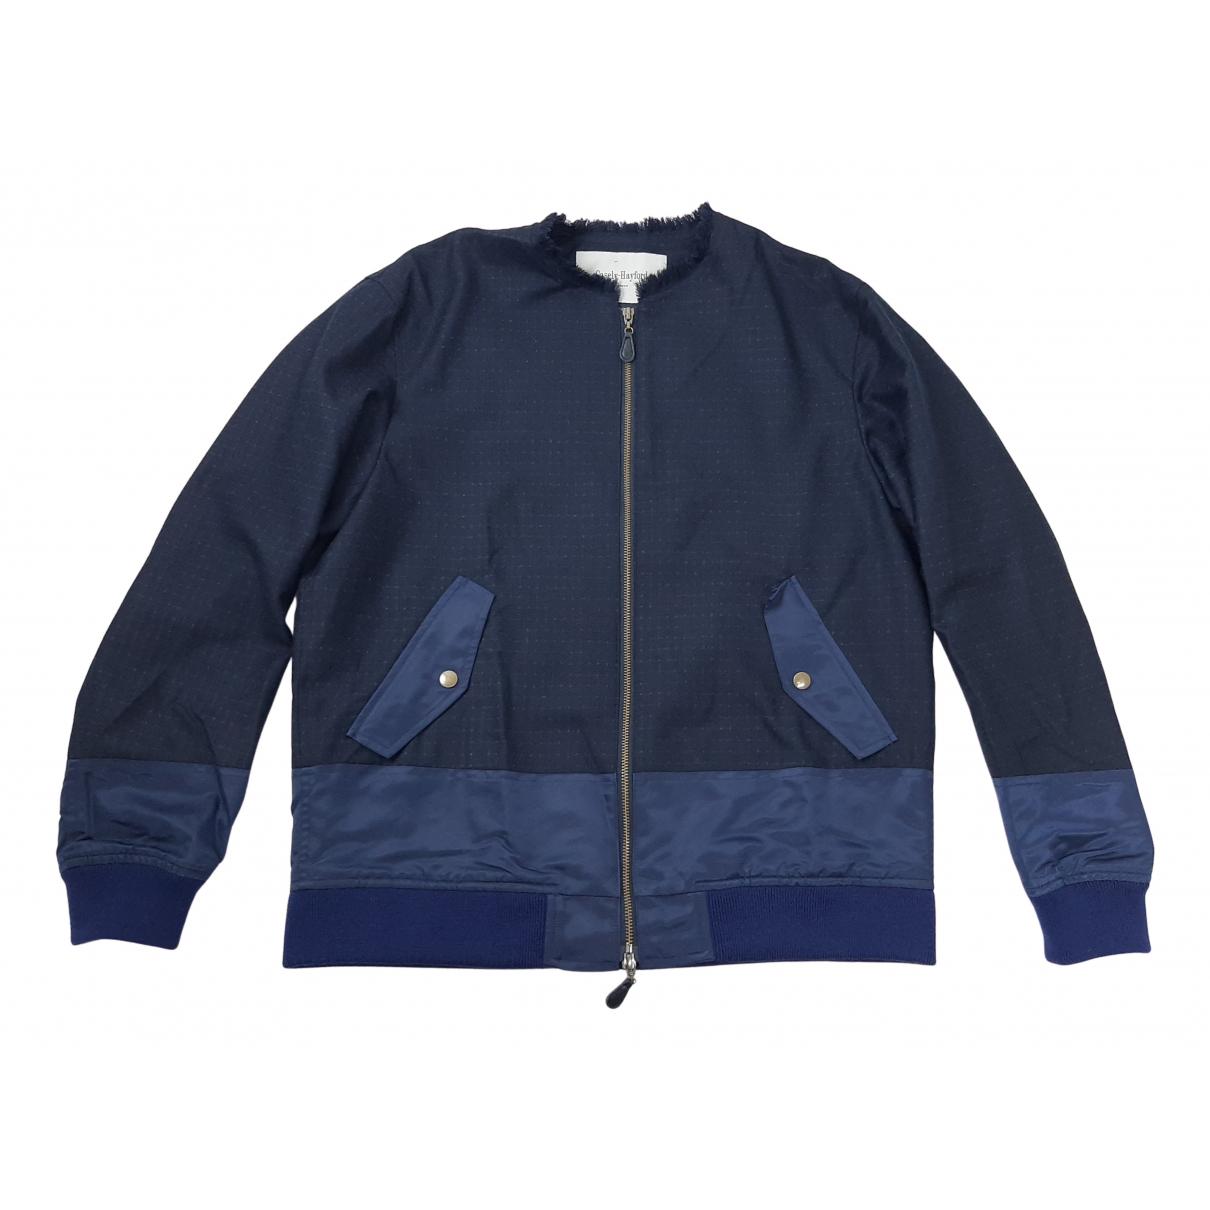 Casely-hayford - Vestes.Blousons   pour homme en laine - marine